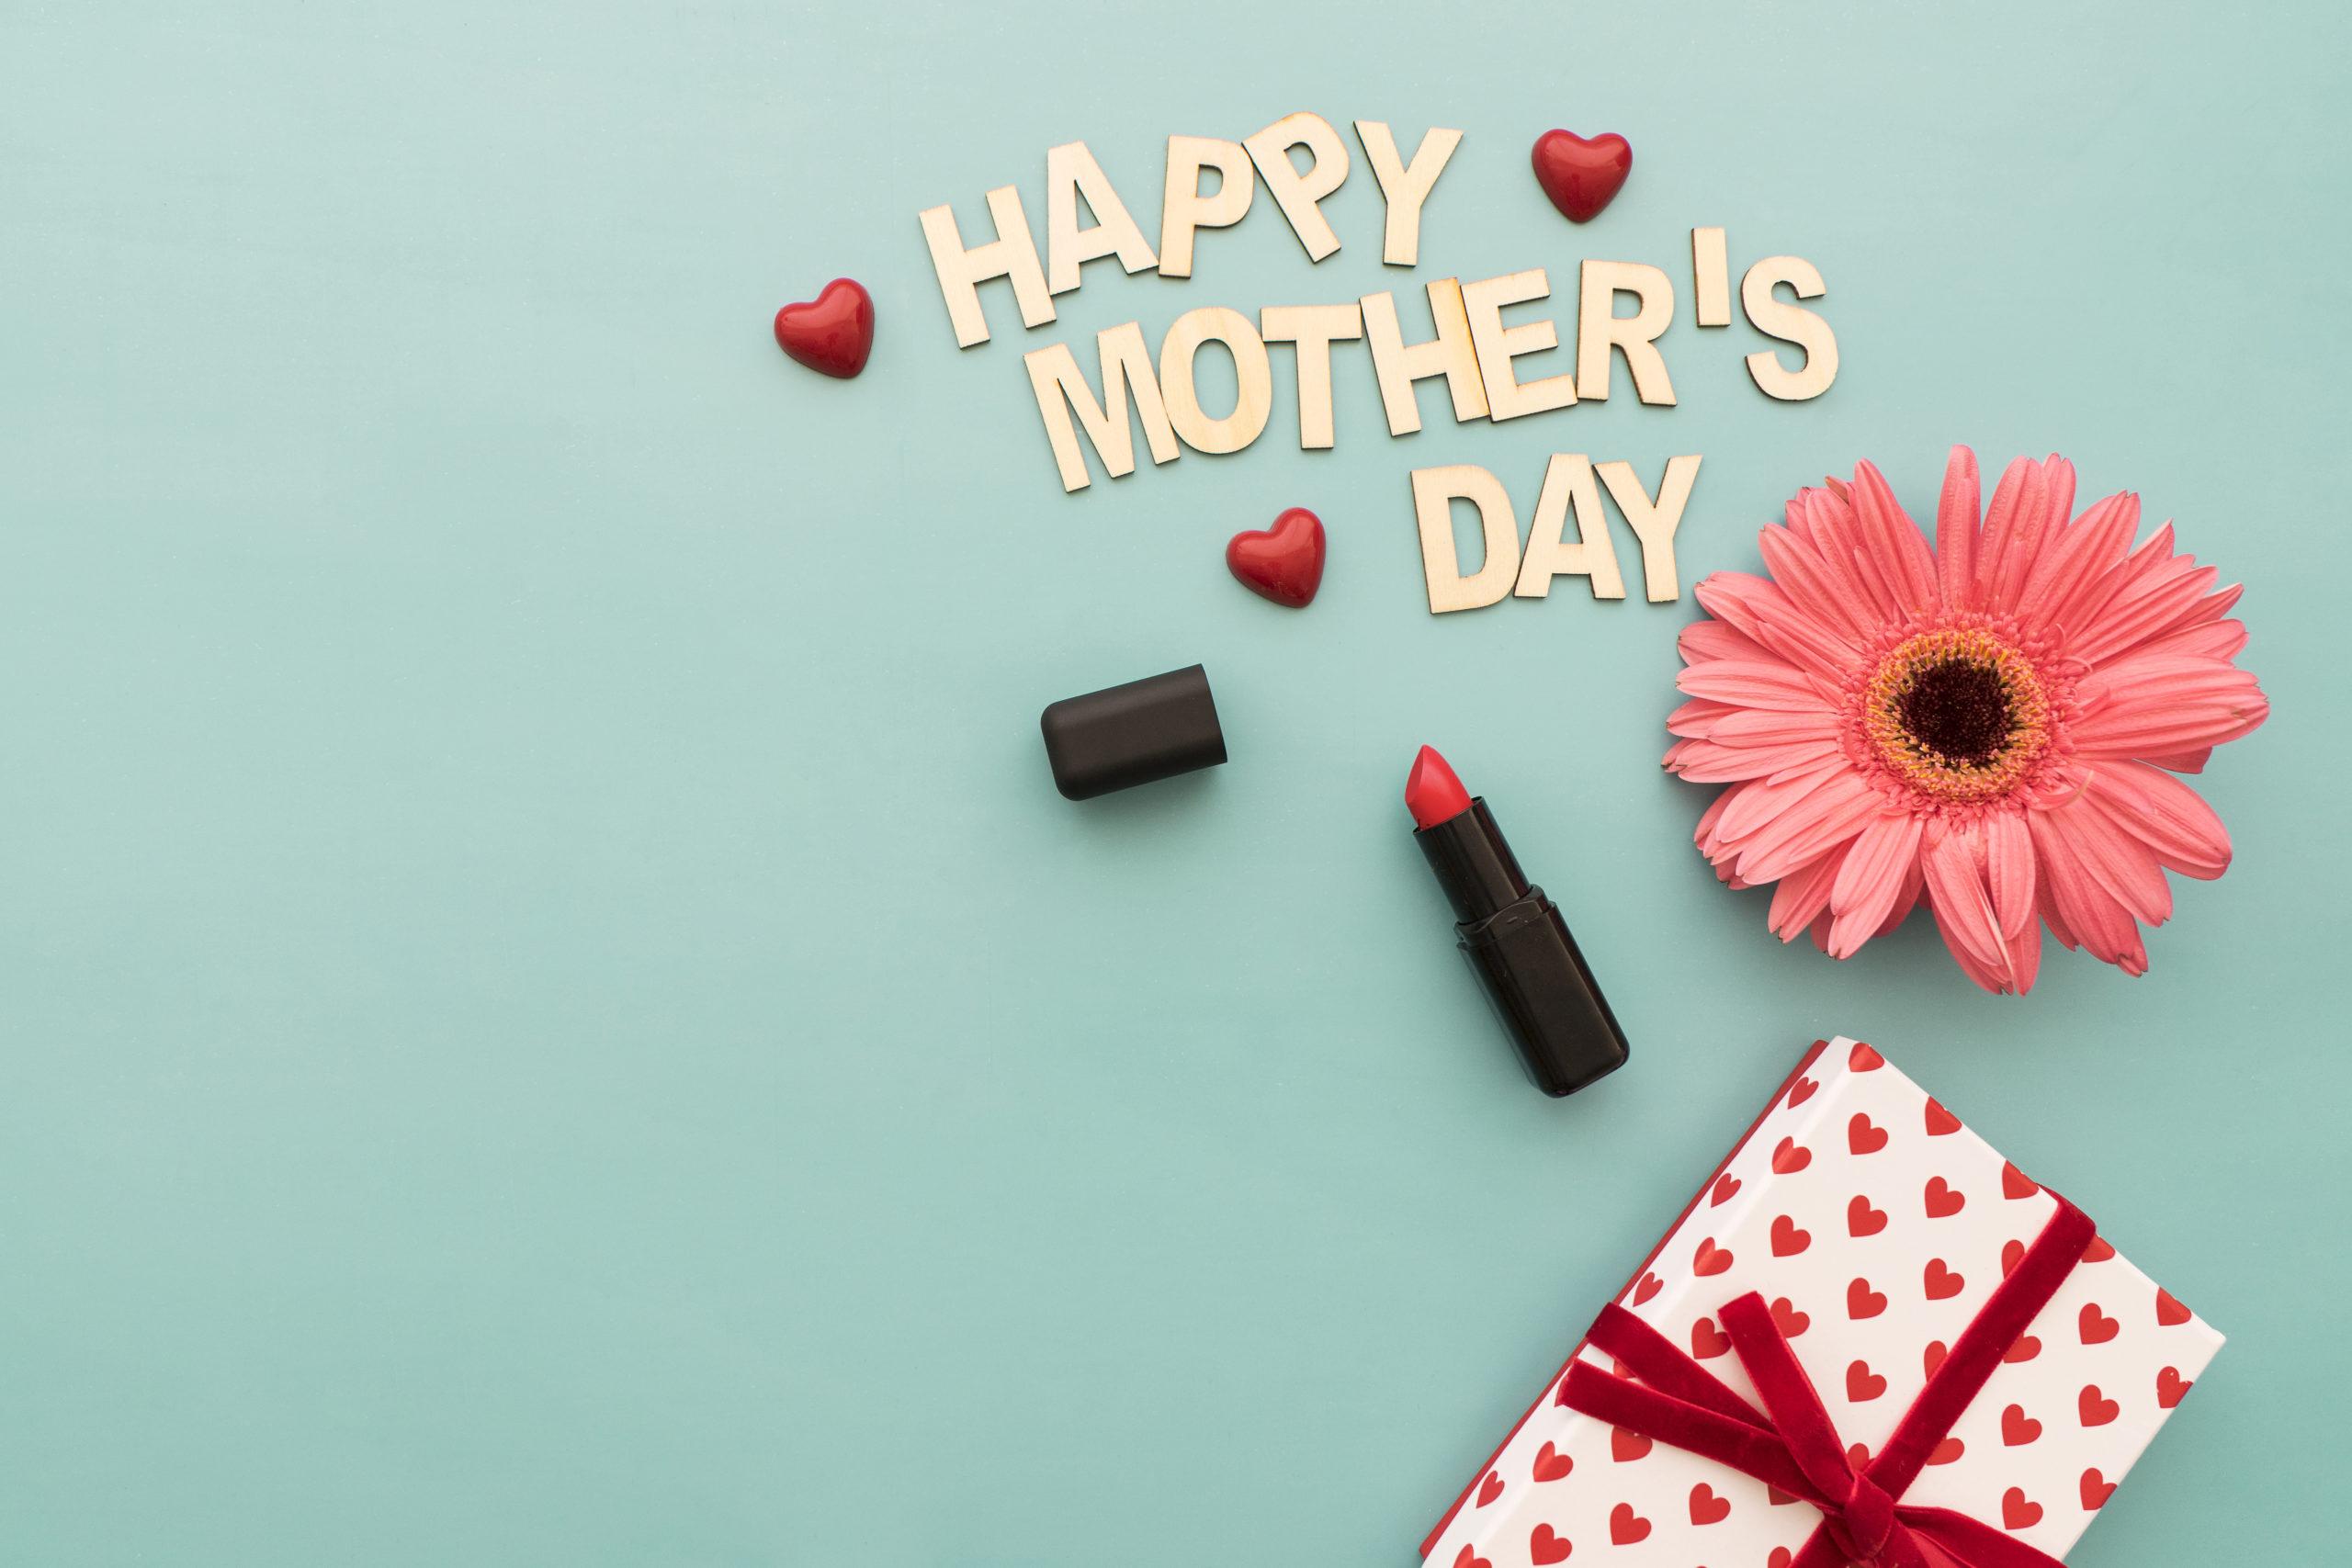 Festa della mamma: ecco i migliori consigli tech per regali utili